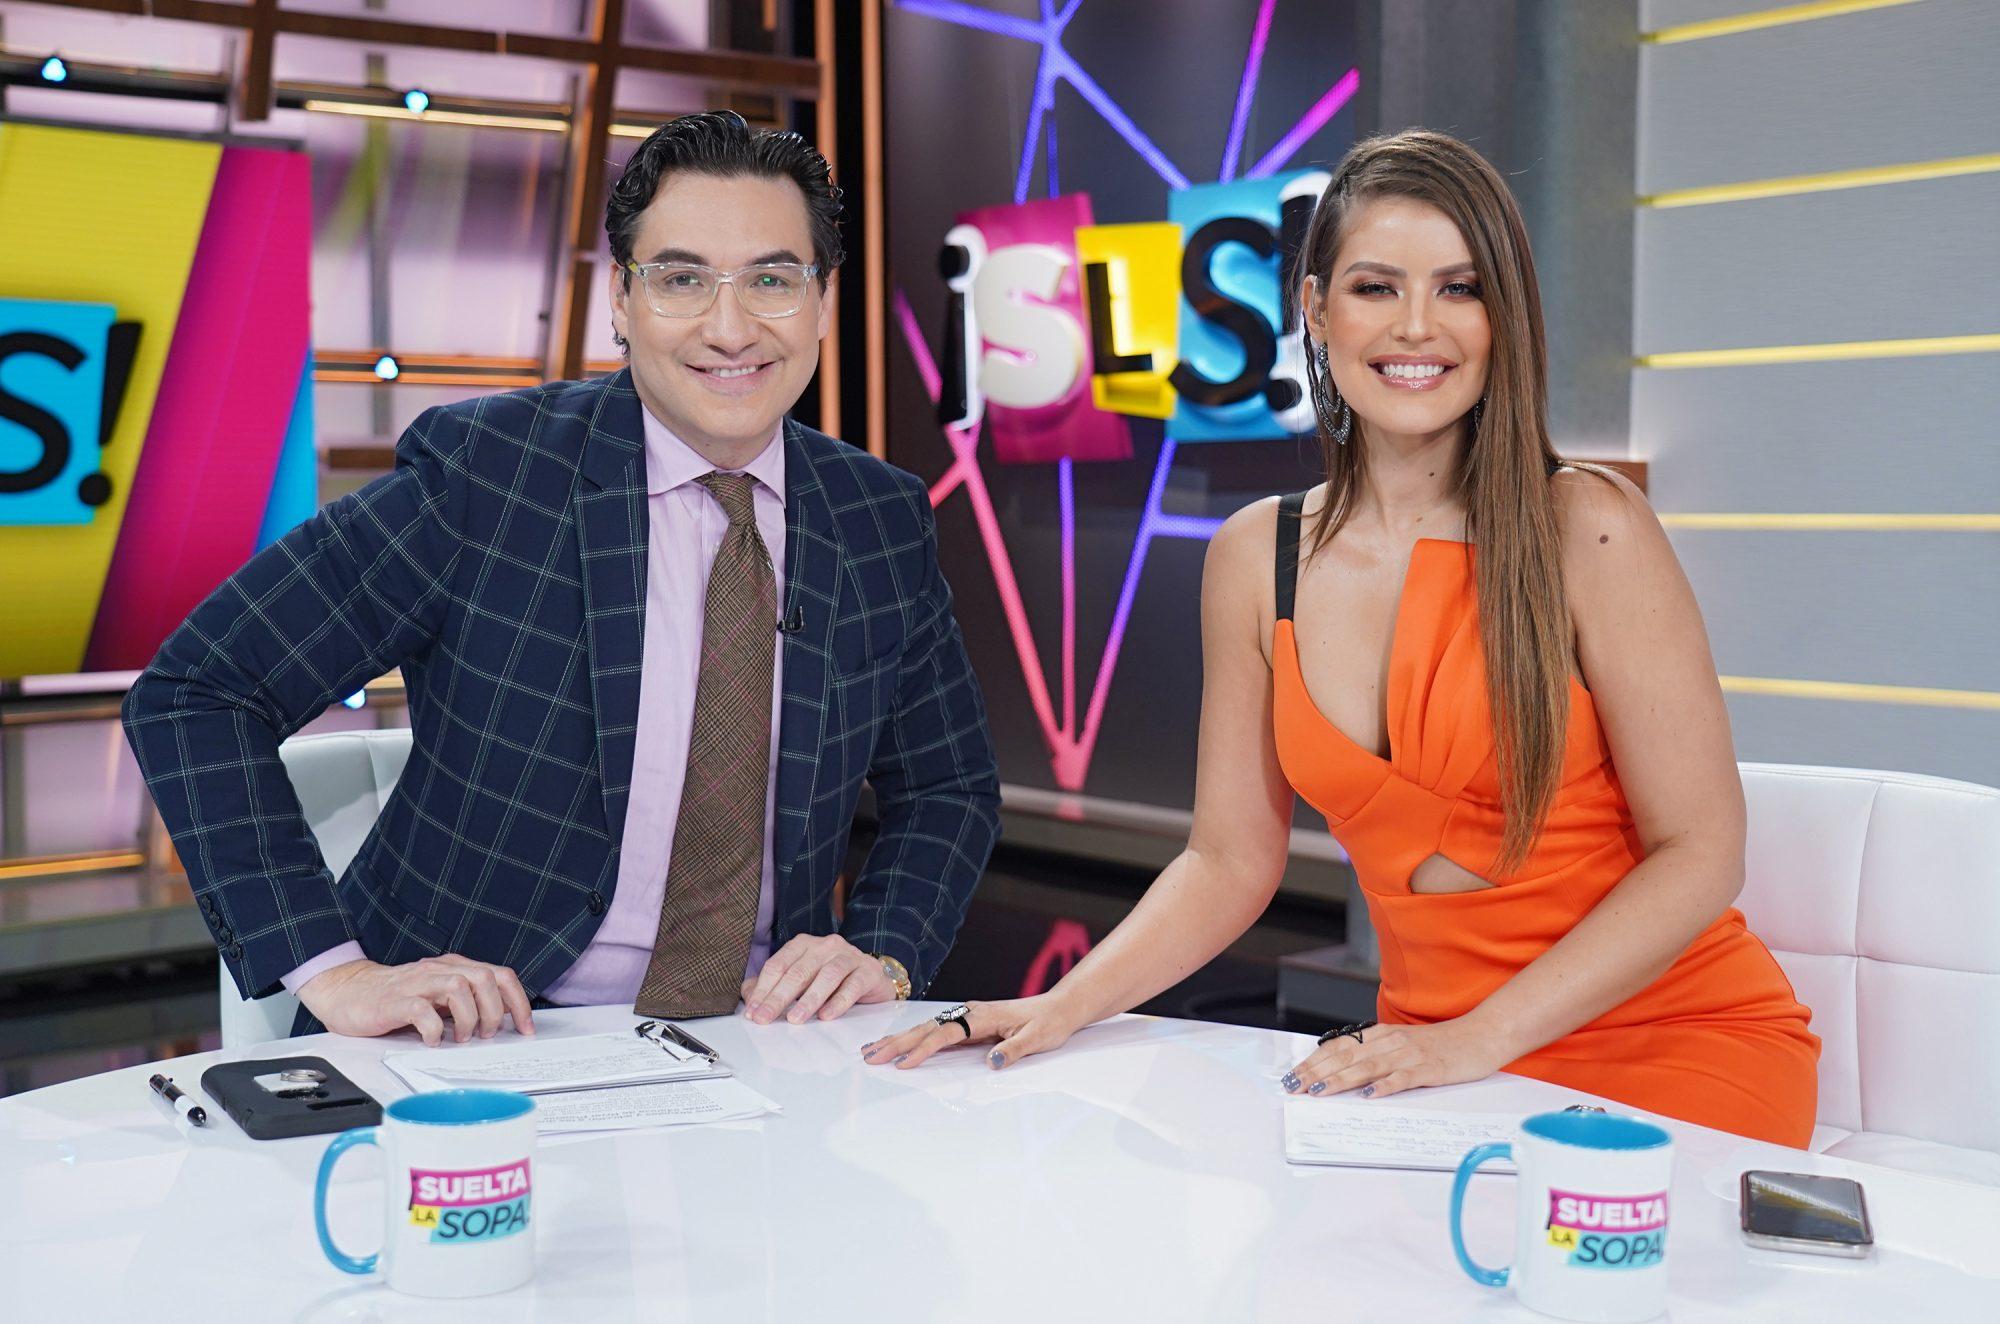 Luis Alfonso Borrego, Vanessa Claudio, Suelta la Sopa, Telemundo